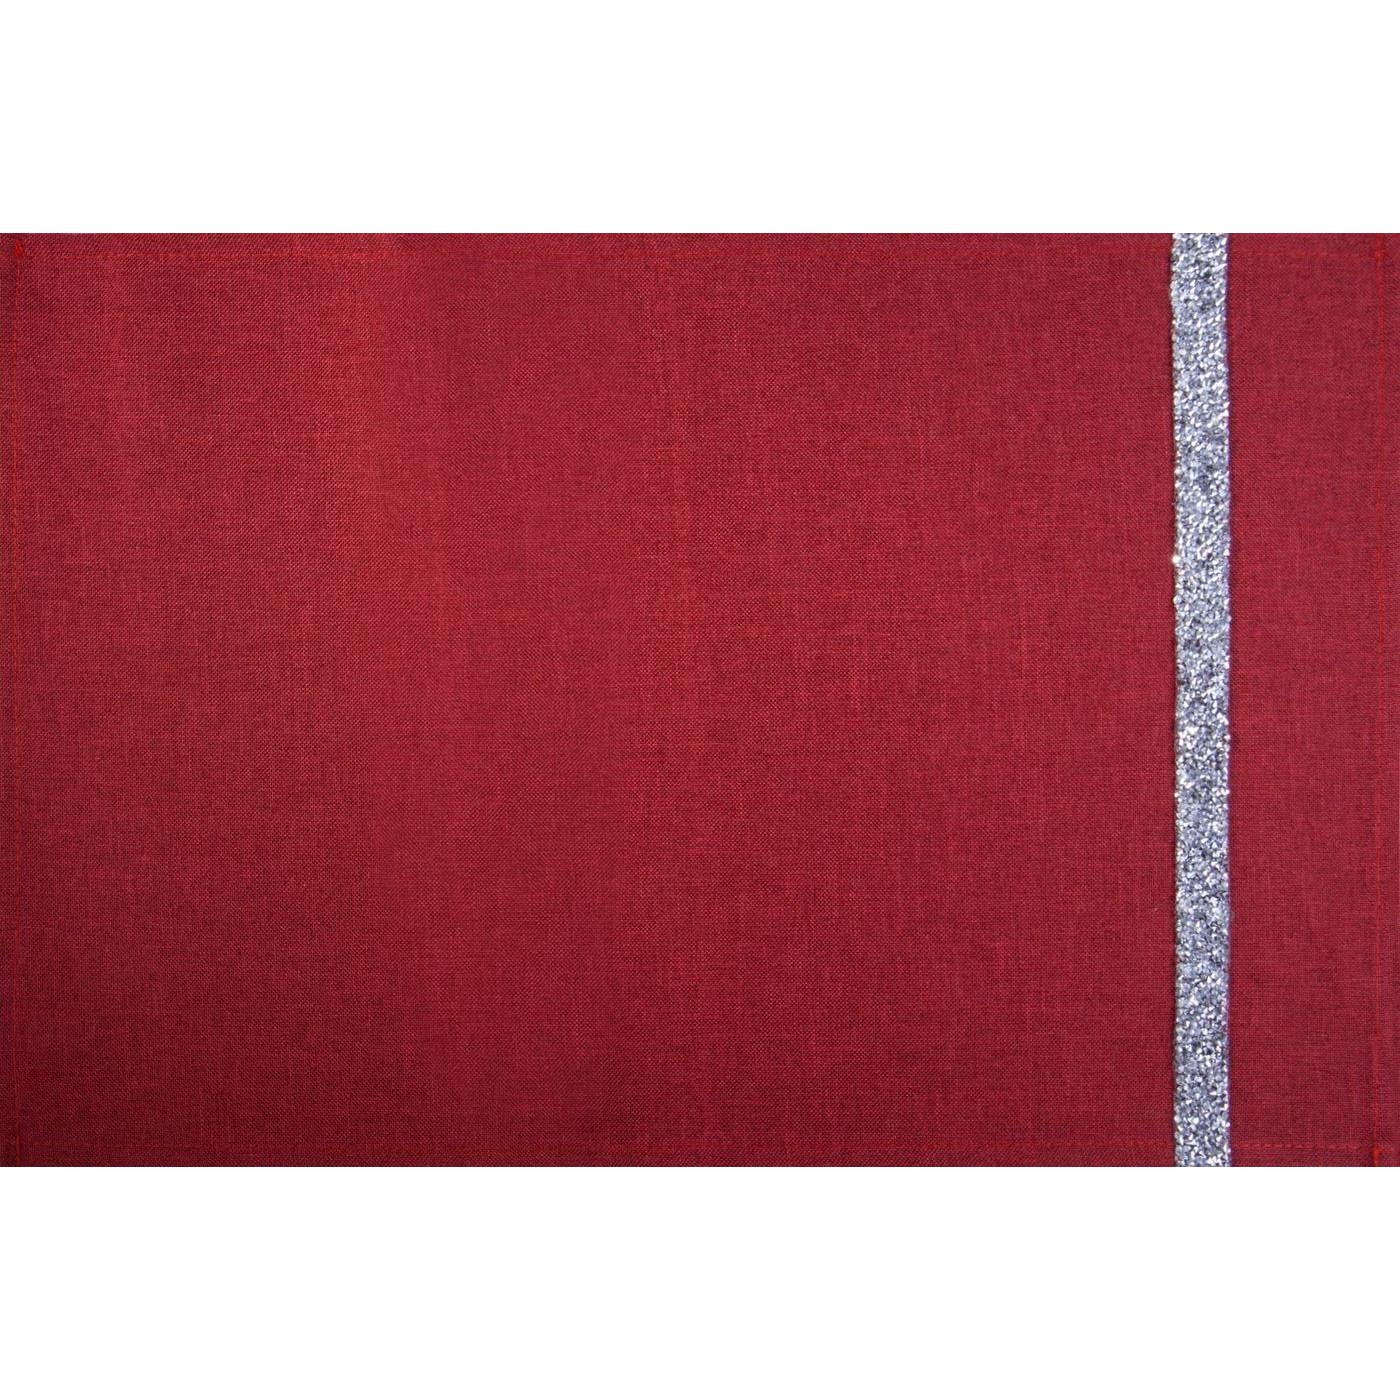 Czerwona nakładka na stół do jadalni 30x50 cm